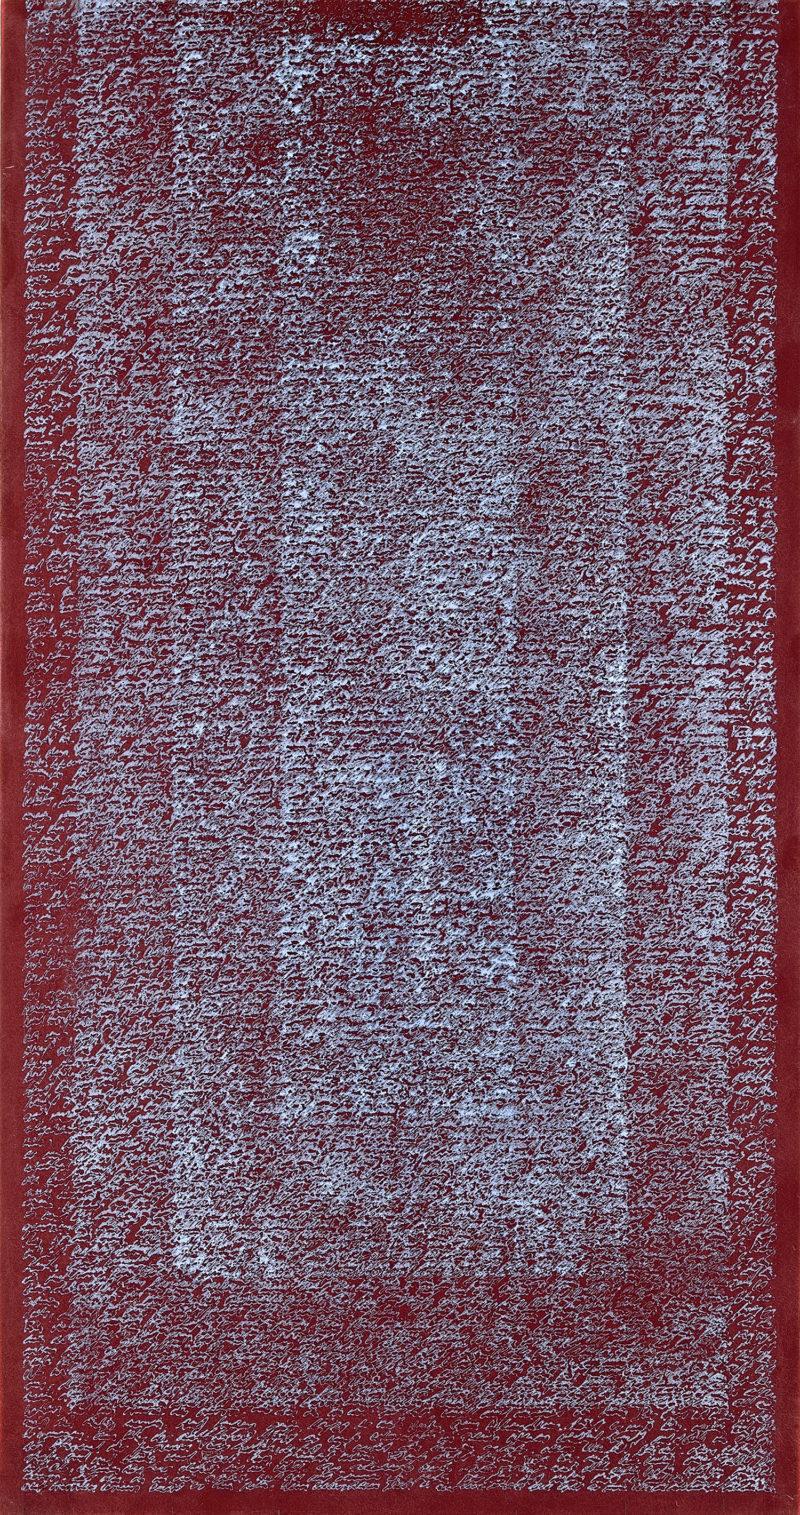 Ü. 70x37